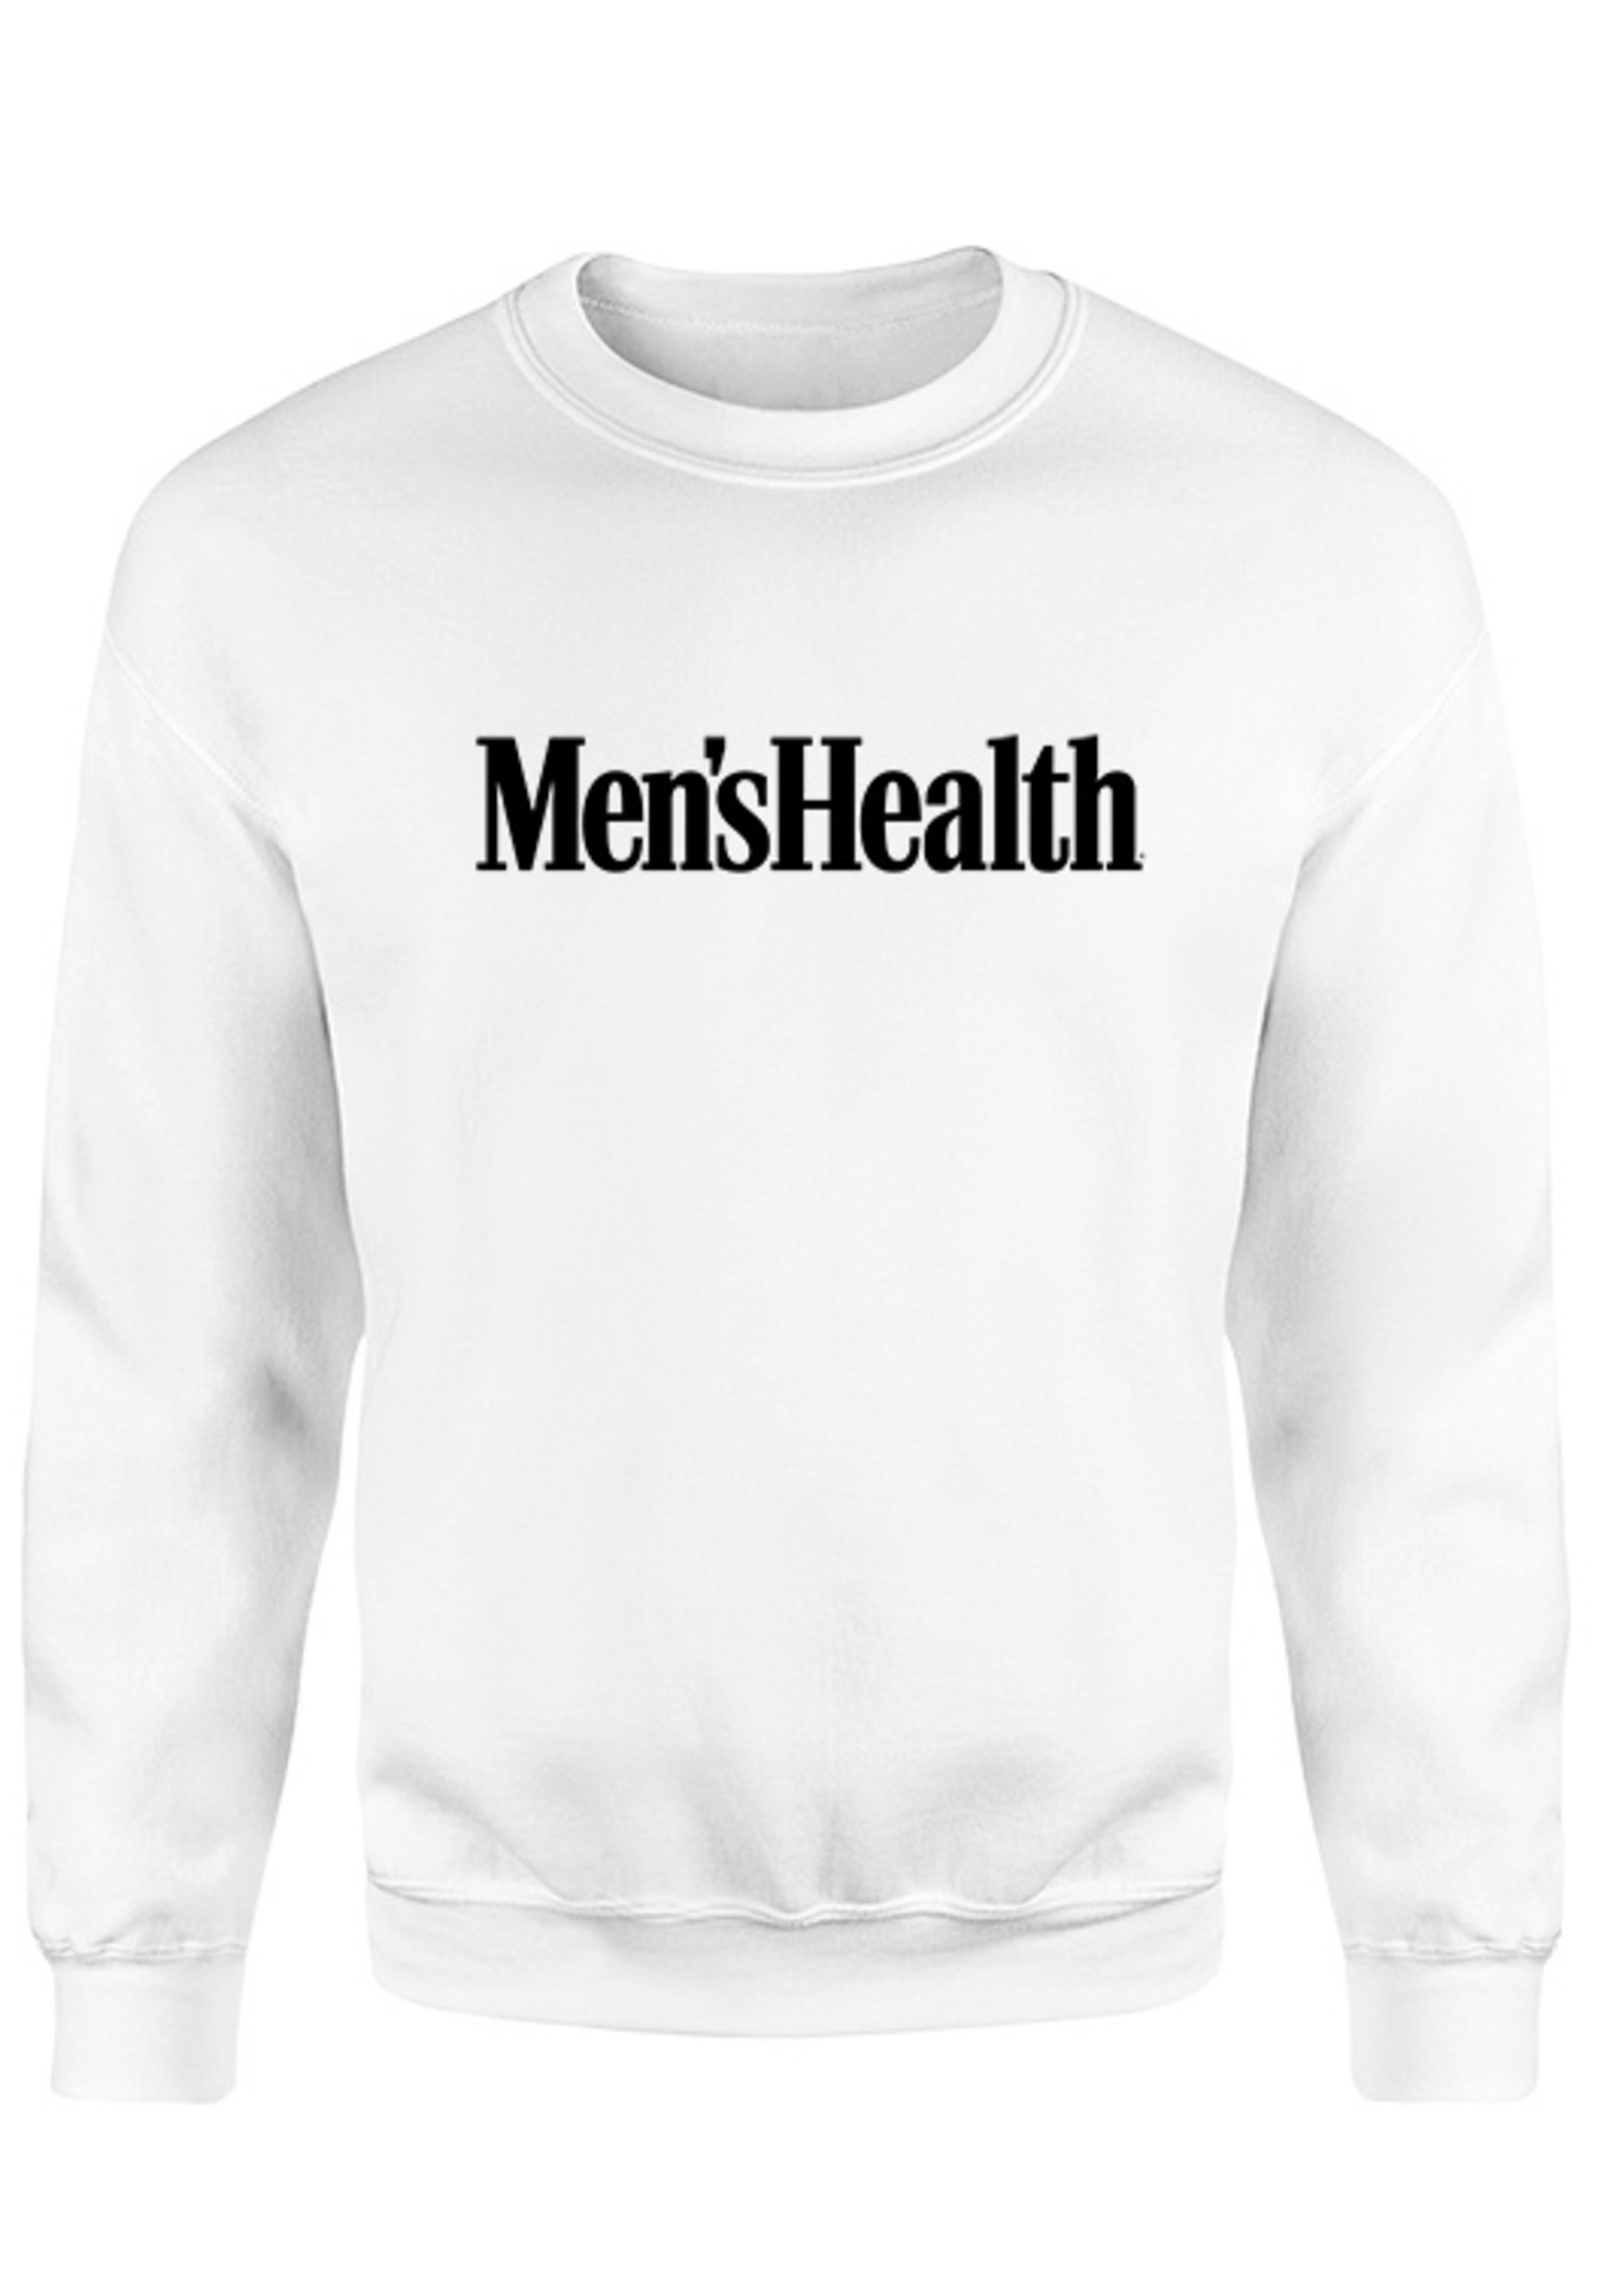 Rebel & Dutch Logo Men's Health Sweater